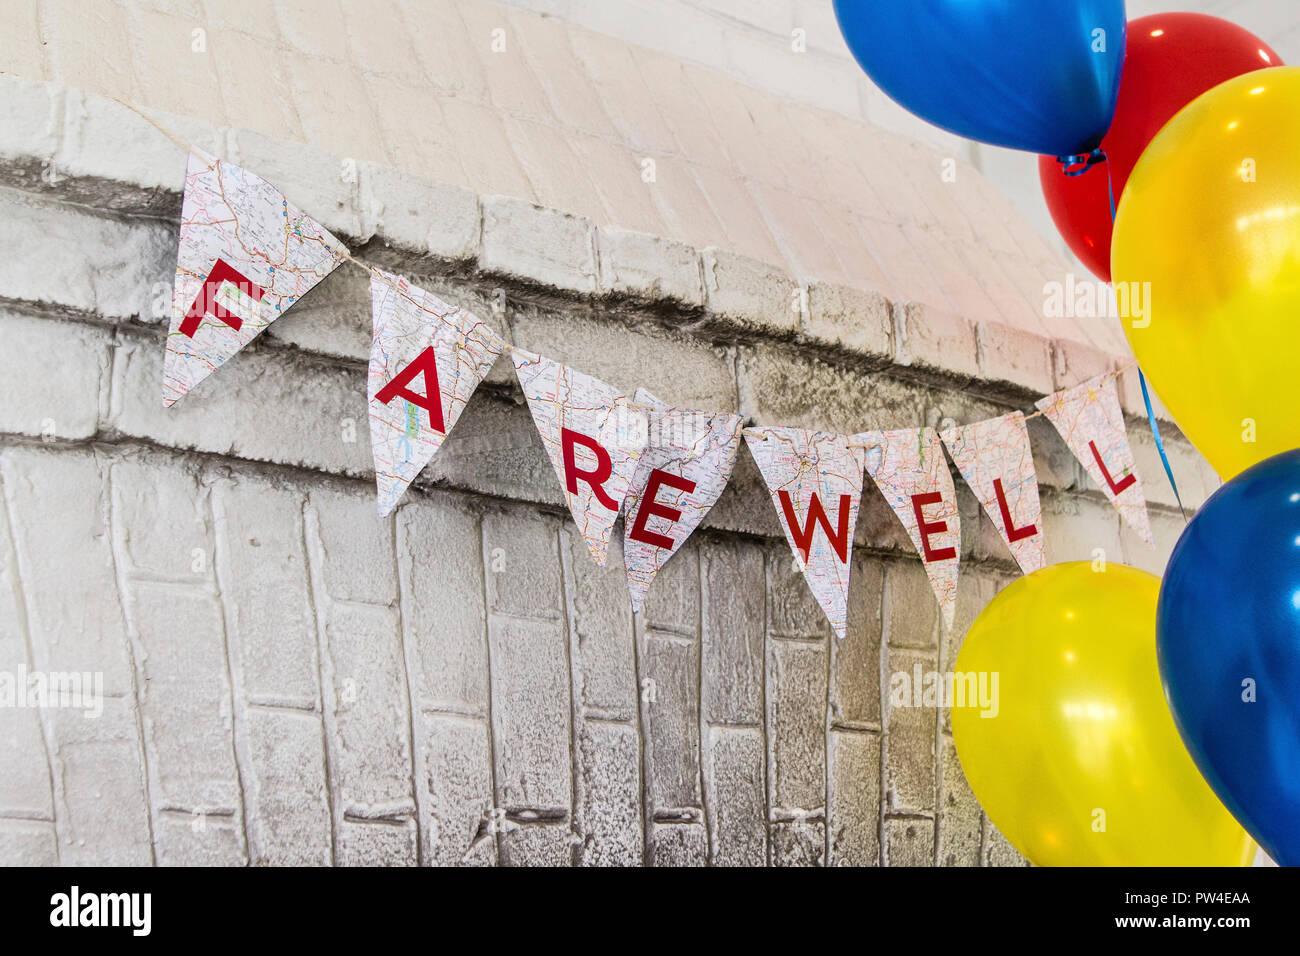 Texto de despedida en buntings por coloridos globos de helio contra la pared colgante Imagen De Stock